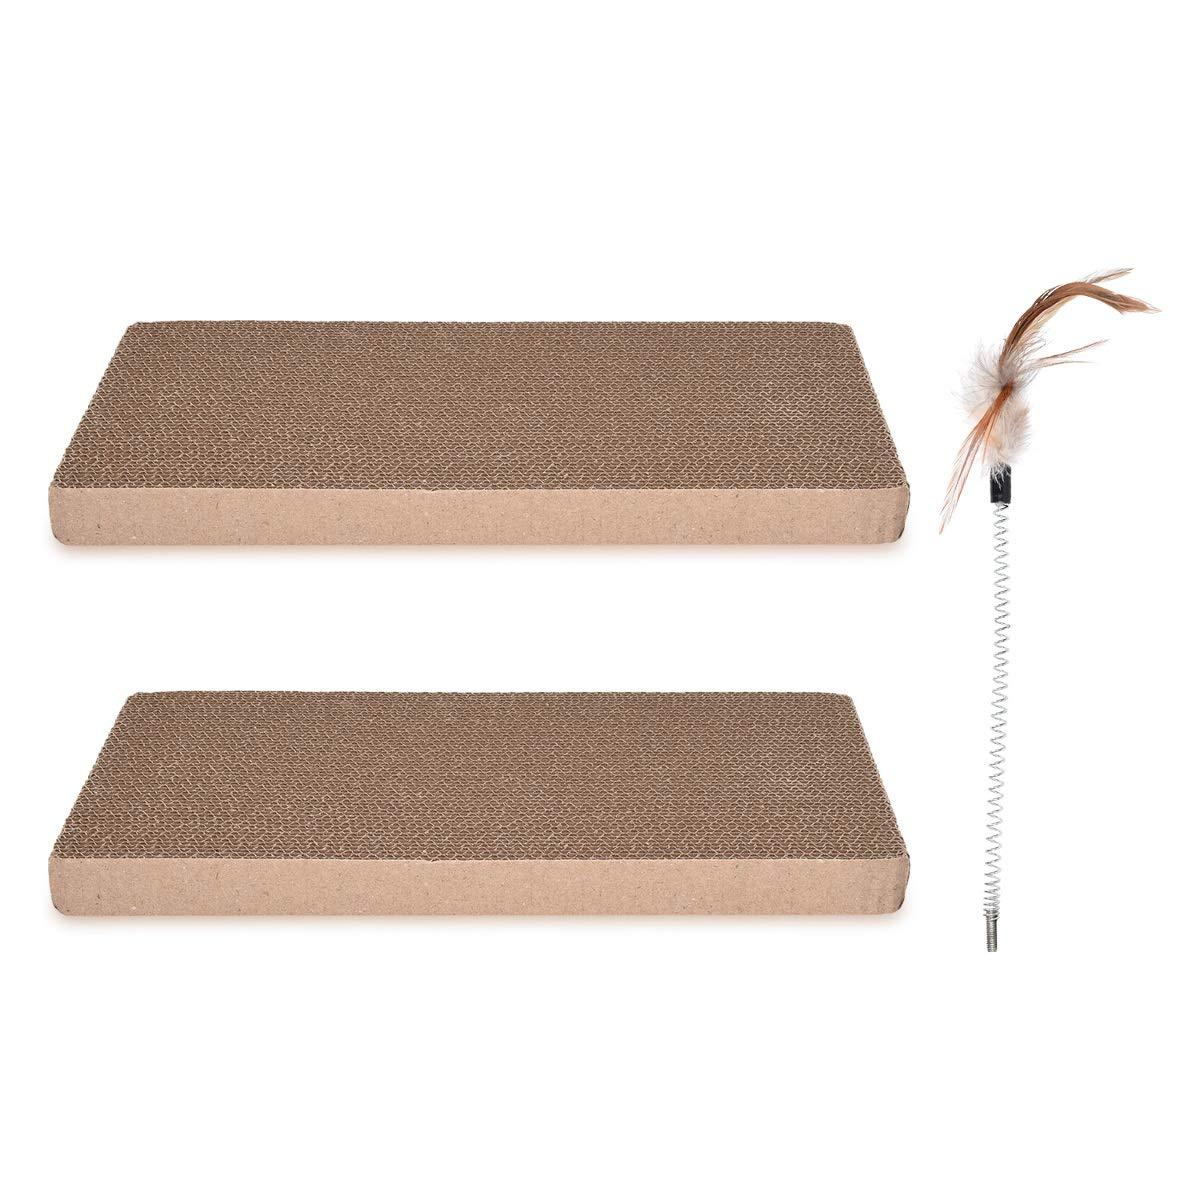 Navaris Set de Repuesto para rascador de Gato – Tabla de rascar para Mascotas – Set de 2 tableros afiladores de uñas de cartón Corrugado y bambú